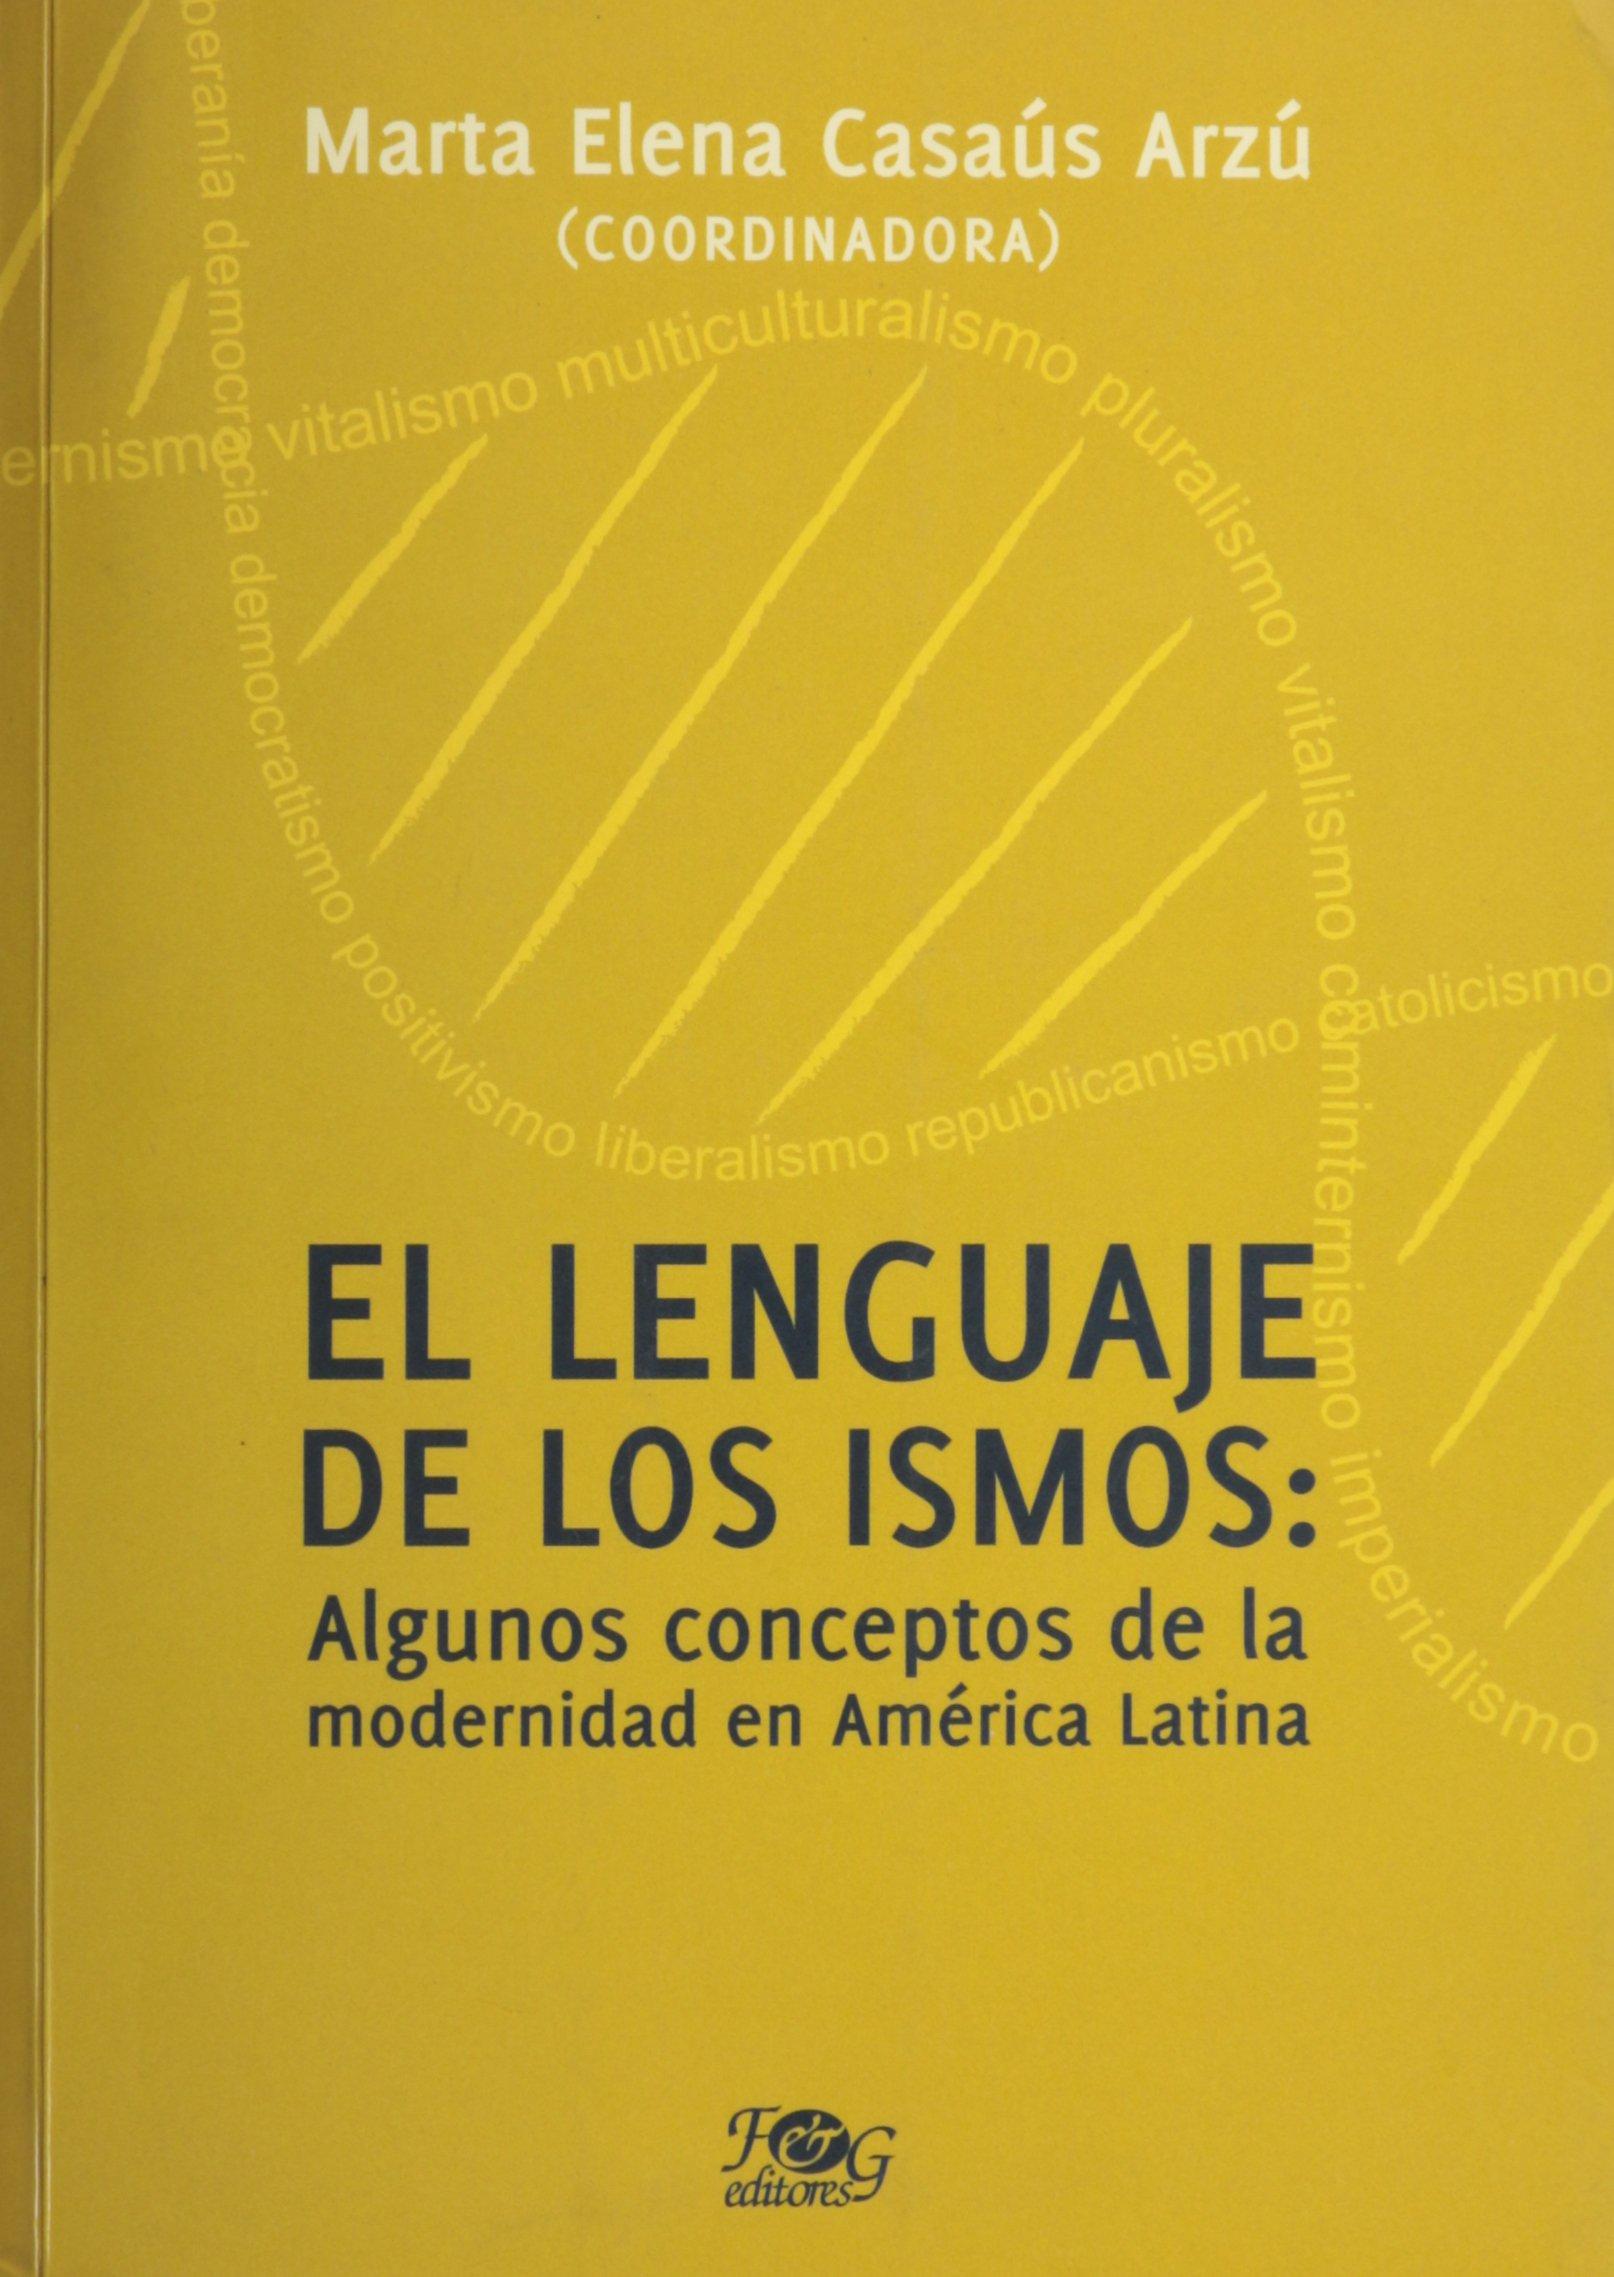 Read Online El lenguaje de los ismos / The Language of Isms: Algunos conceptos de la modernidad en America Latina / Some Concepts of Modernity in Latin America (Spanish Edition) Text fb2 ebook